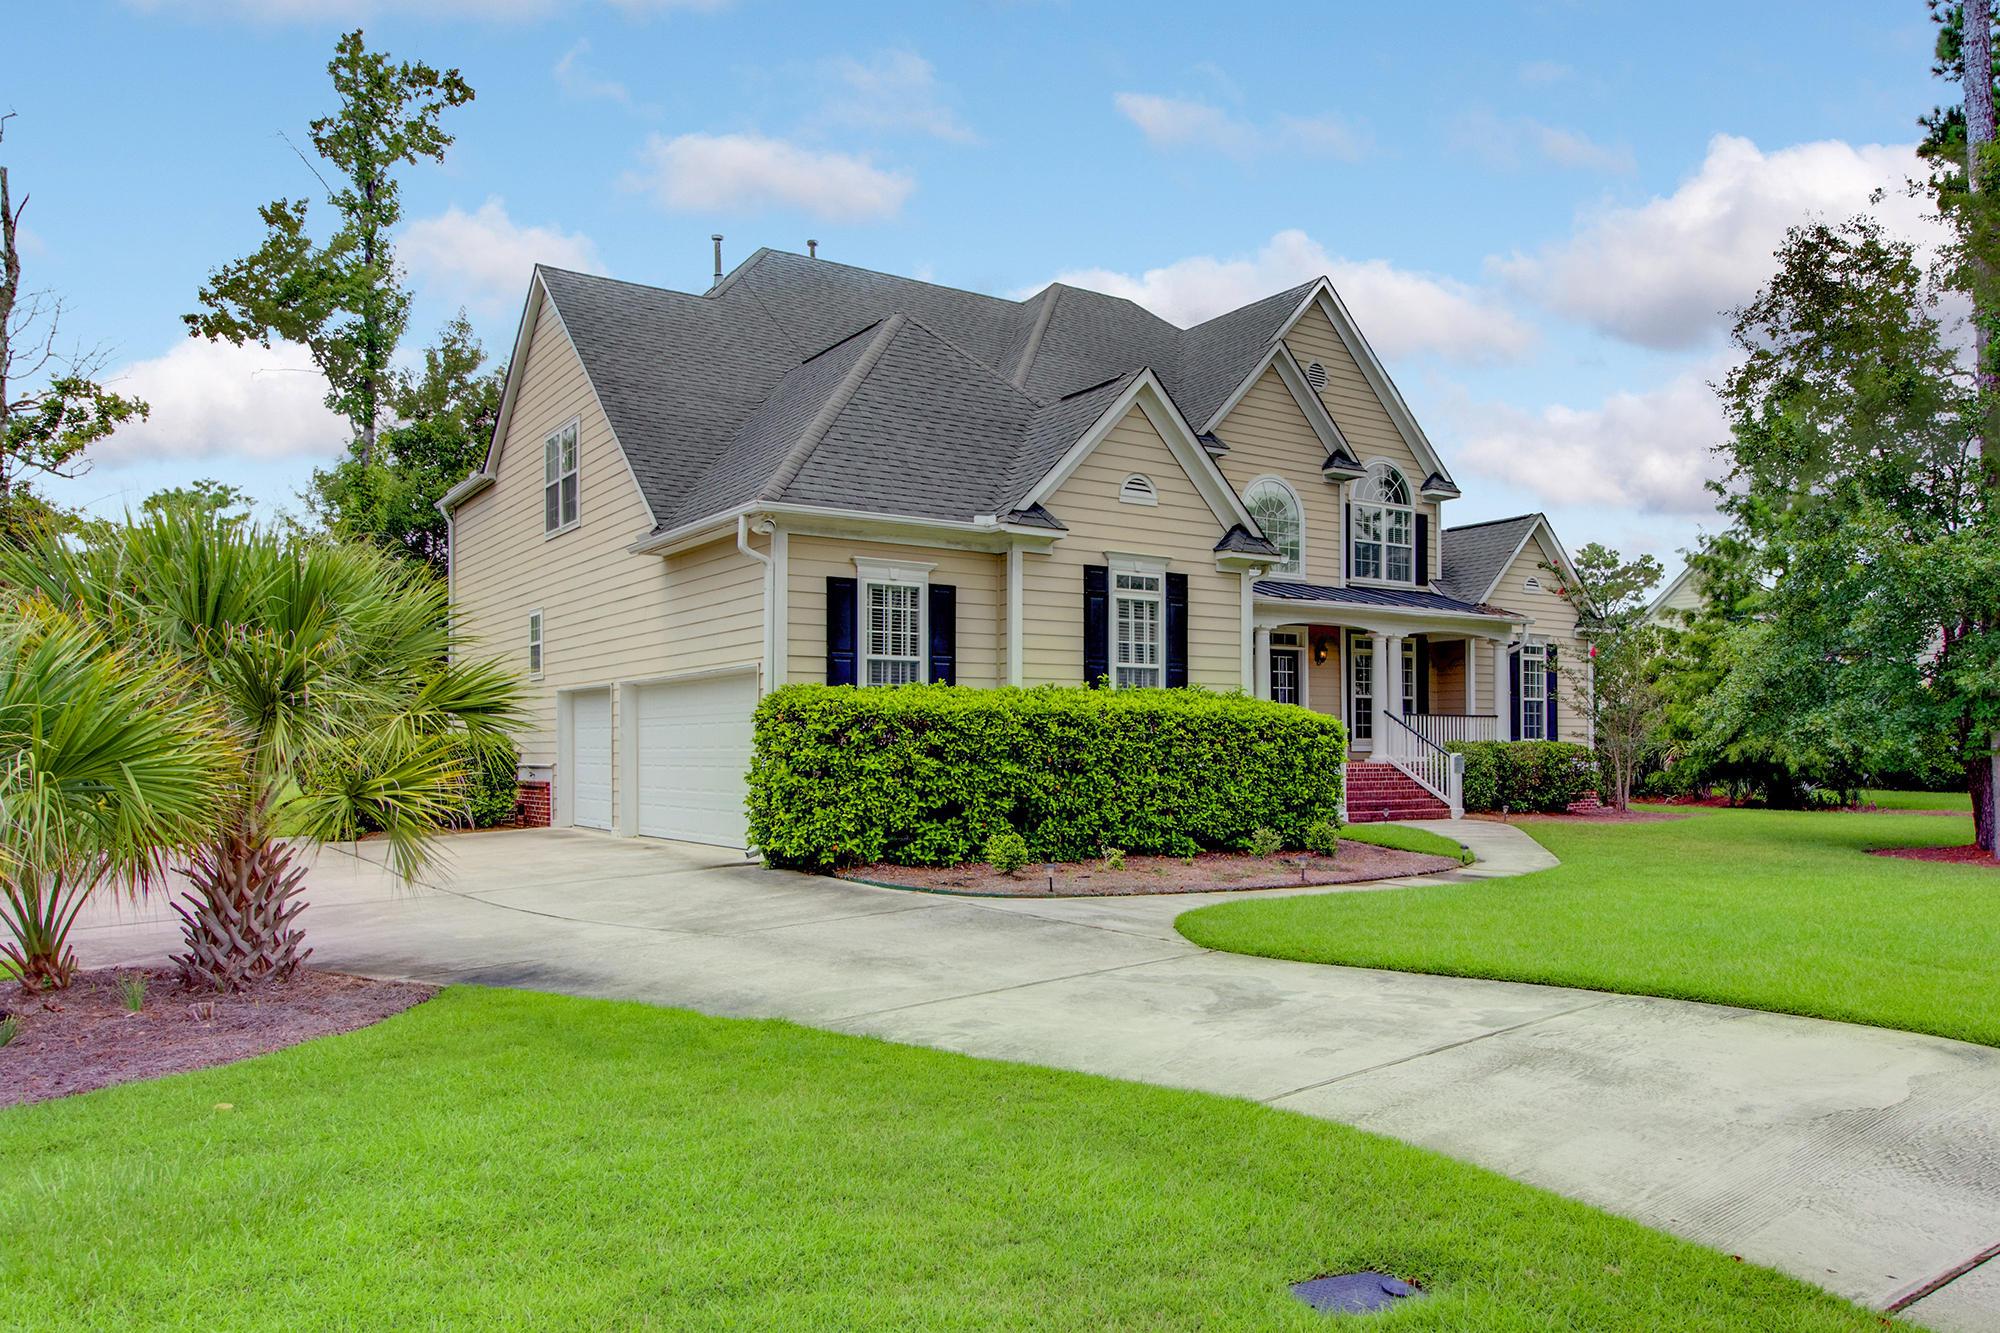 Dunes West Homes For Sale - 2817 Oak Manor, Mount Pleasant, SC - 11